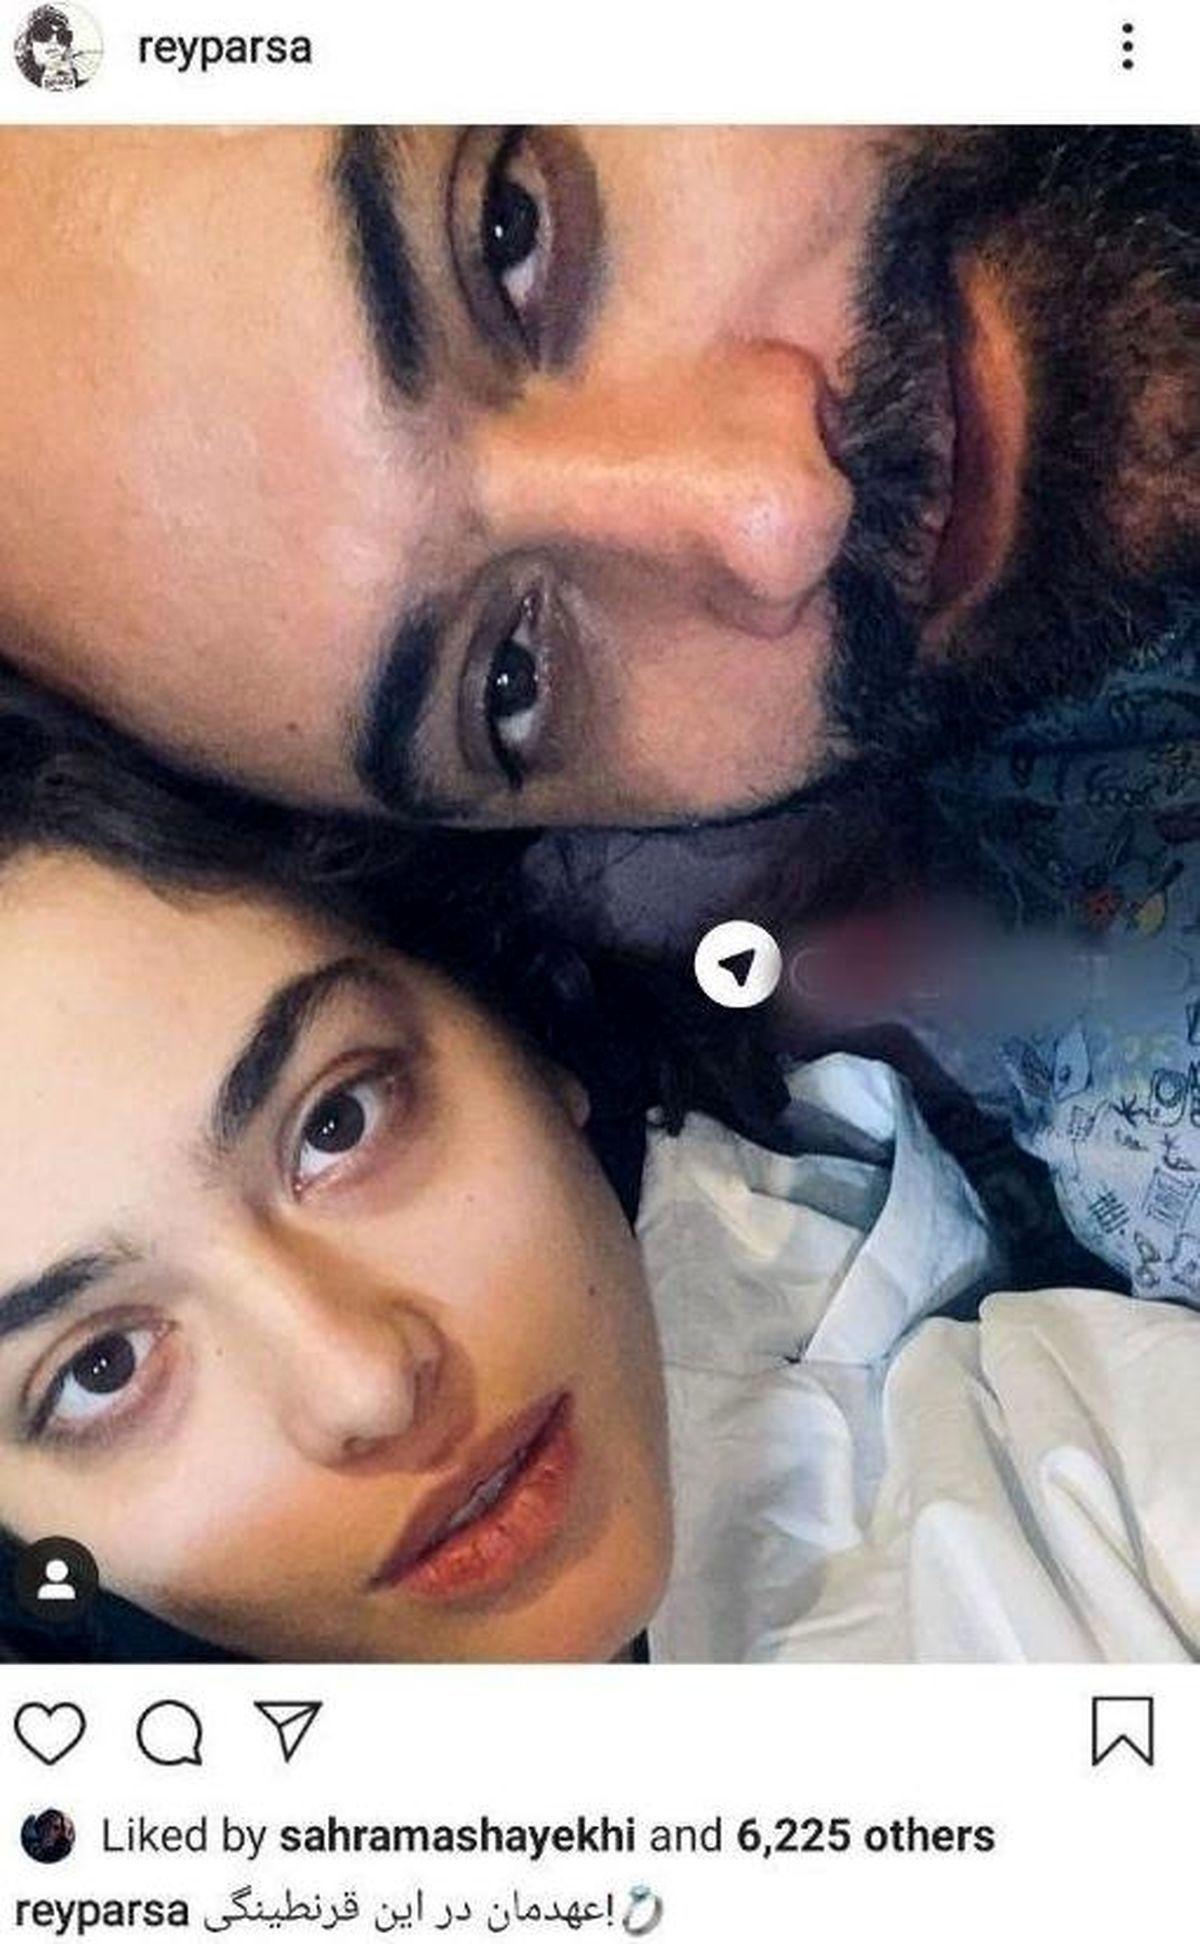 افشاگری ریحانه پارسا درباره طلاق پدر و مادرش وقتی 6 ساله بود + عکس